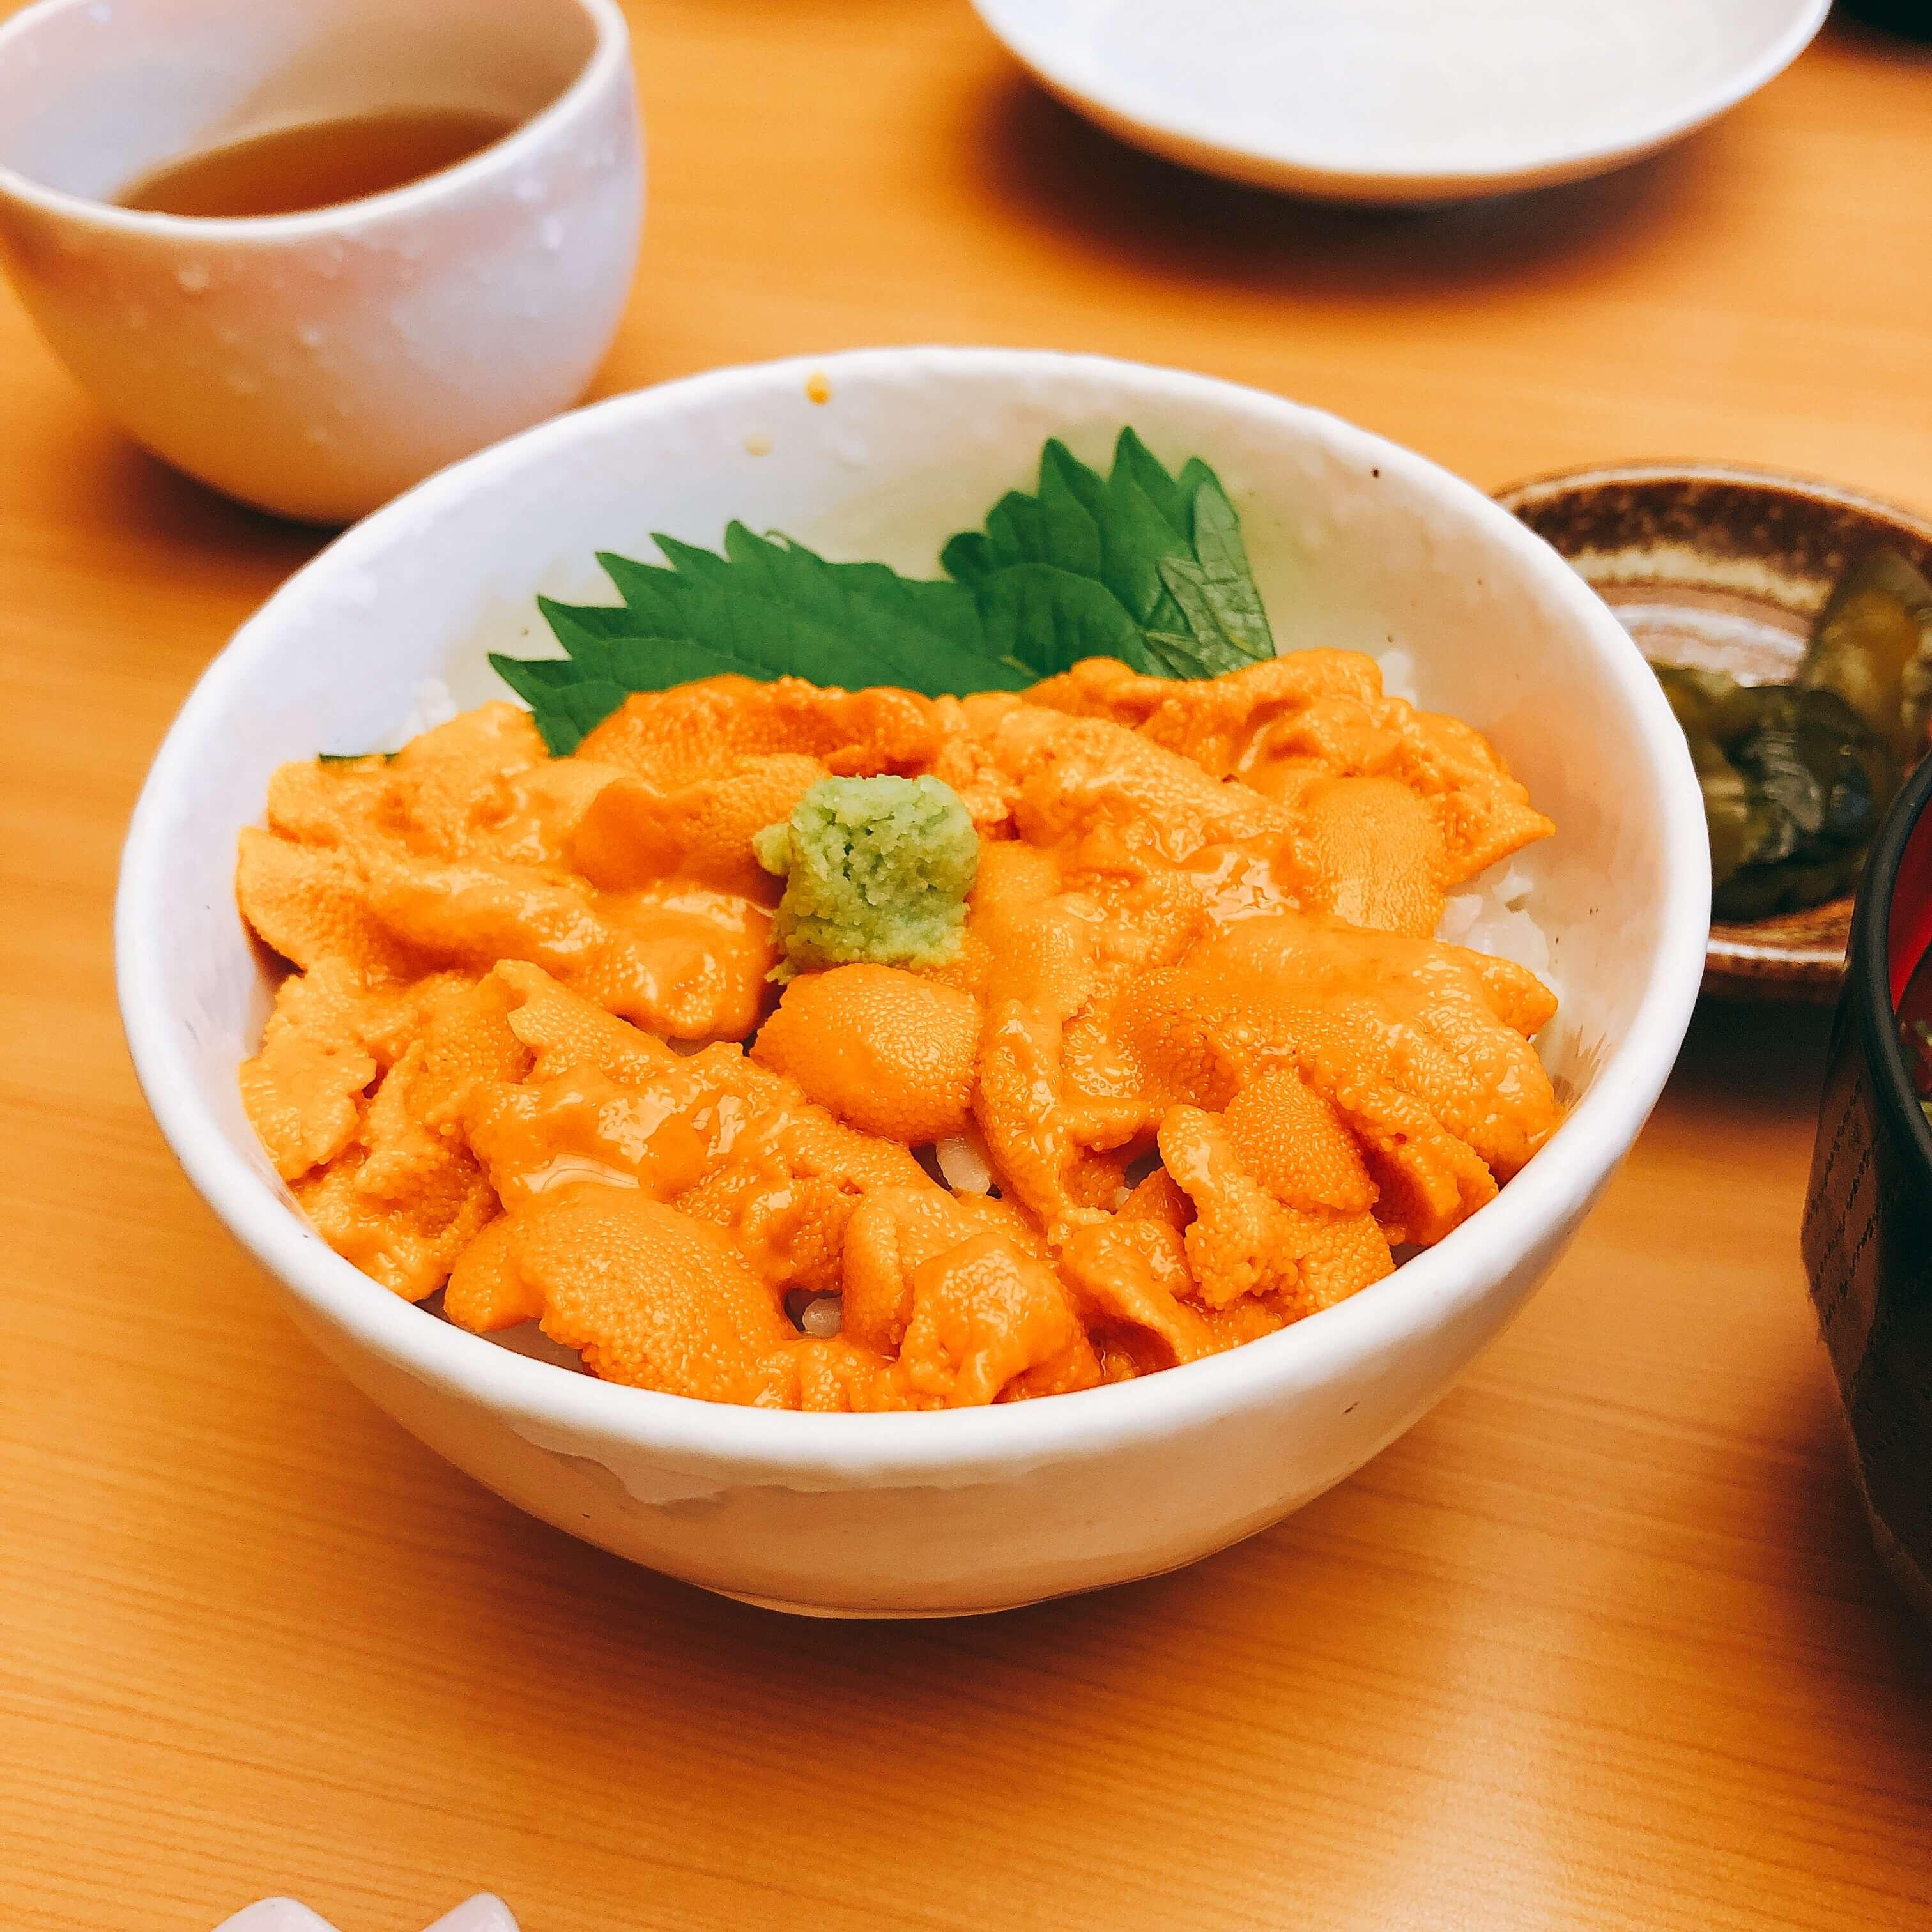 函館「むらかみ」でうに丼。ミョウバンを使わない極上のうに&絶品いくら